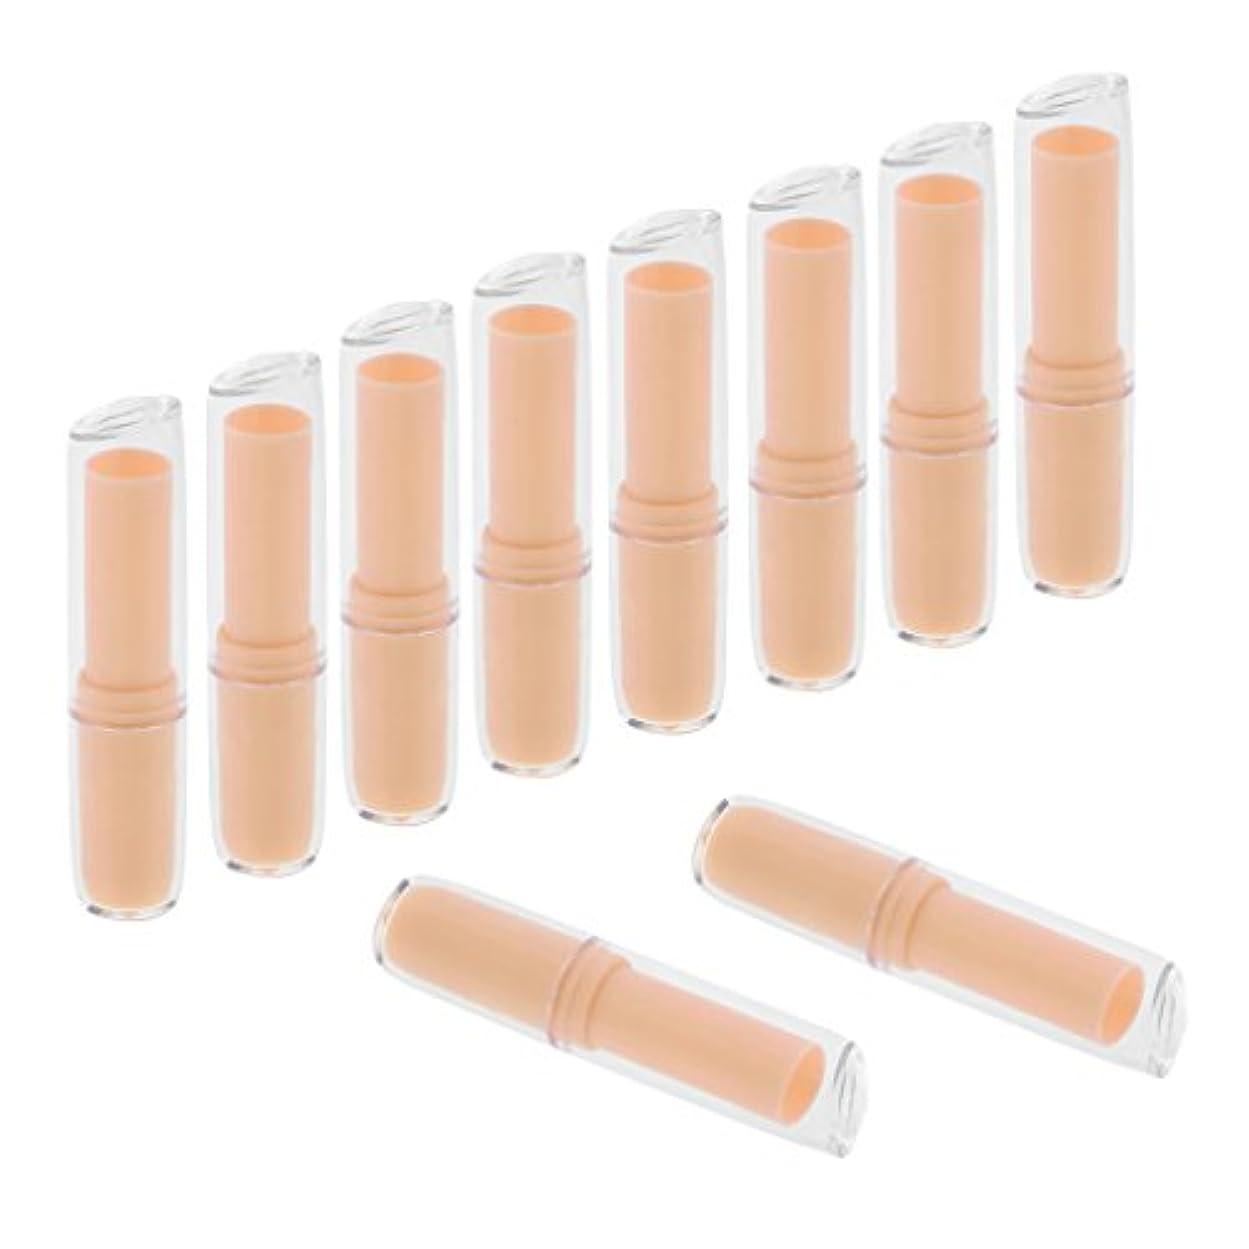 拡張百満足できるリップクリームチューブ 口紅容器 口紅チューブ リップクリーム容器 プラスチック材質 約10個 全6色 - オレンジ